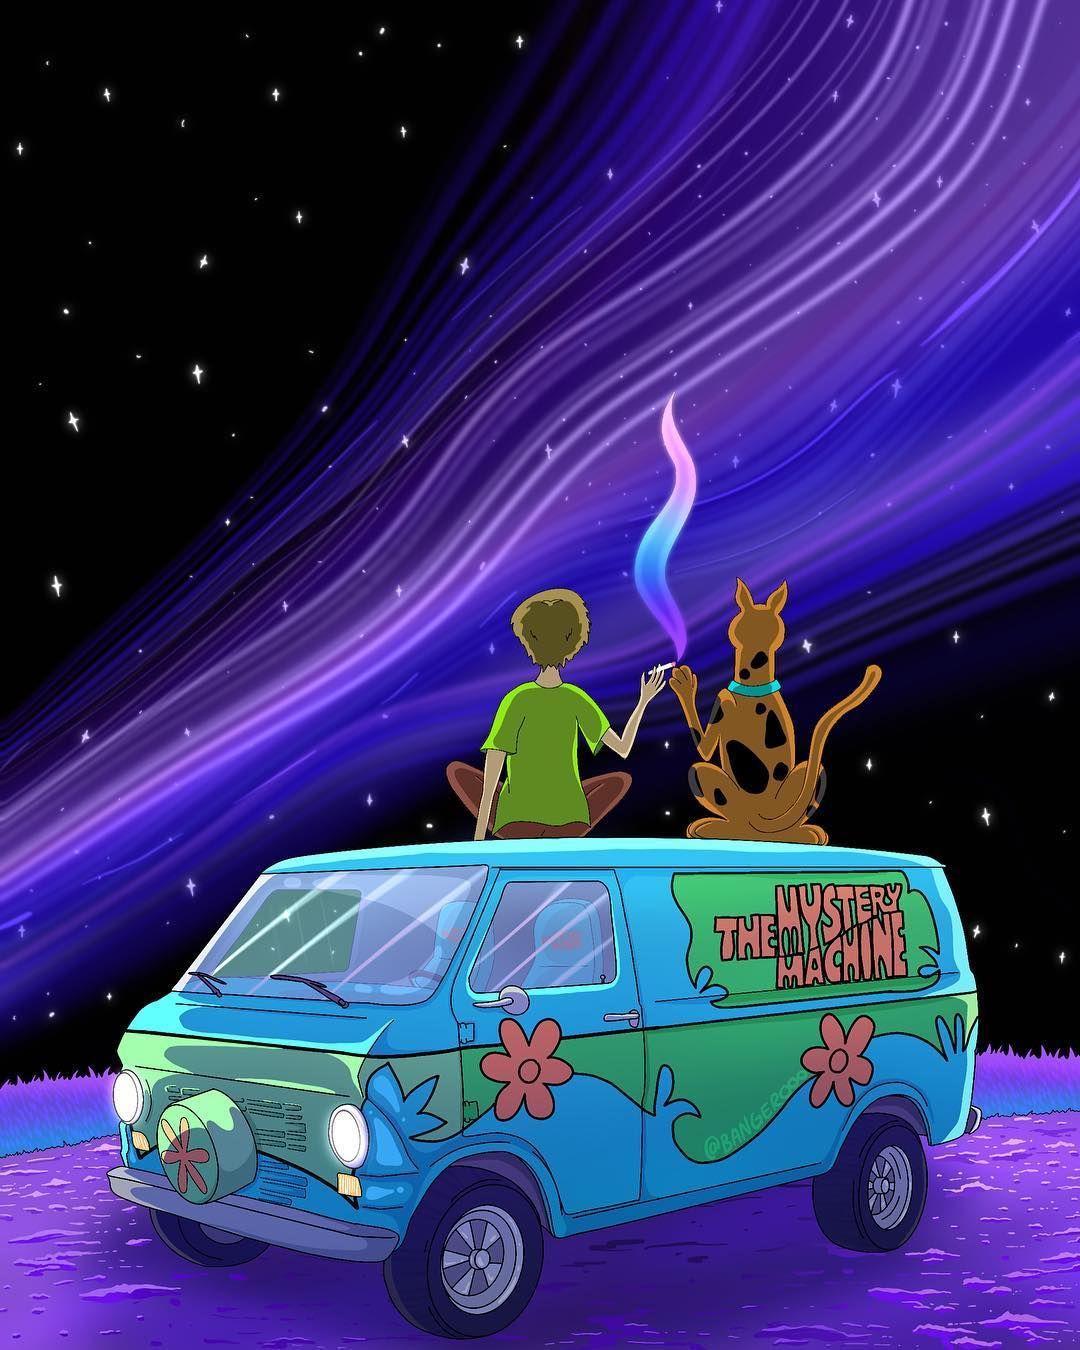 Iphone Cool Doo Wallpaper Scooby